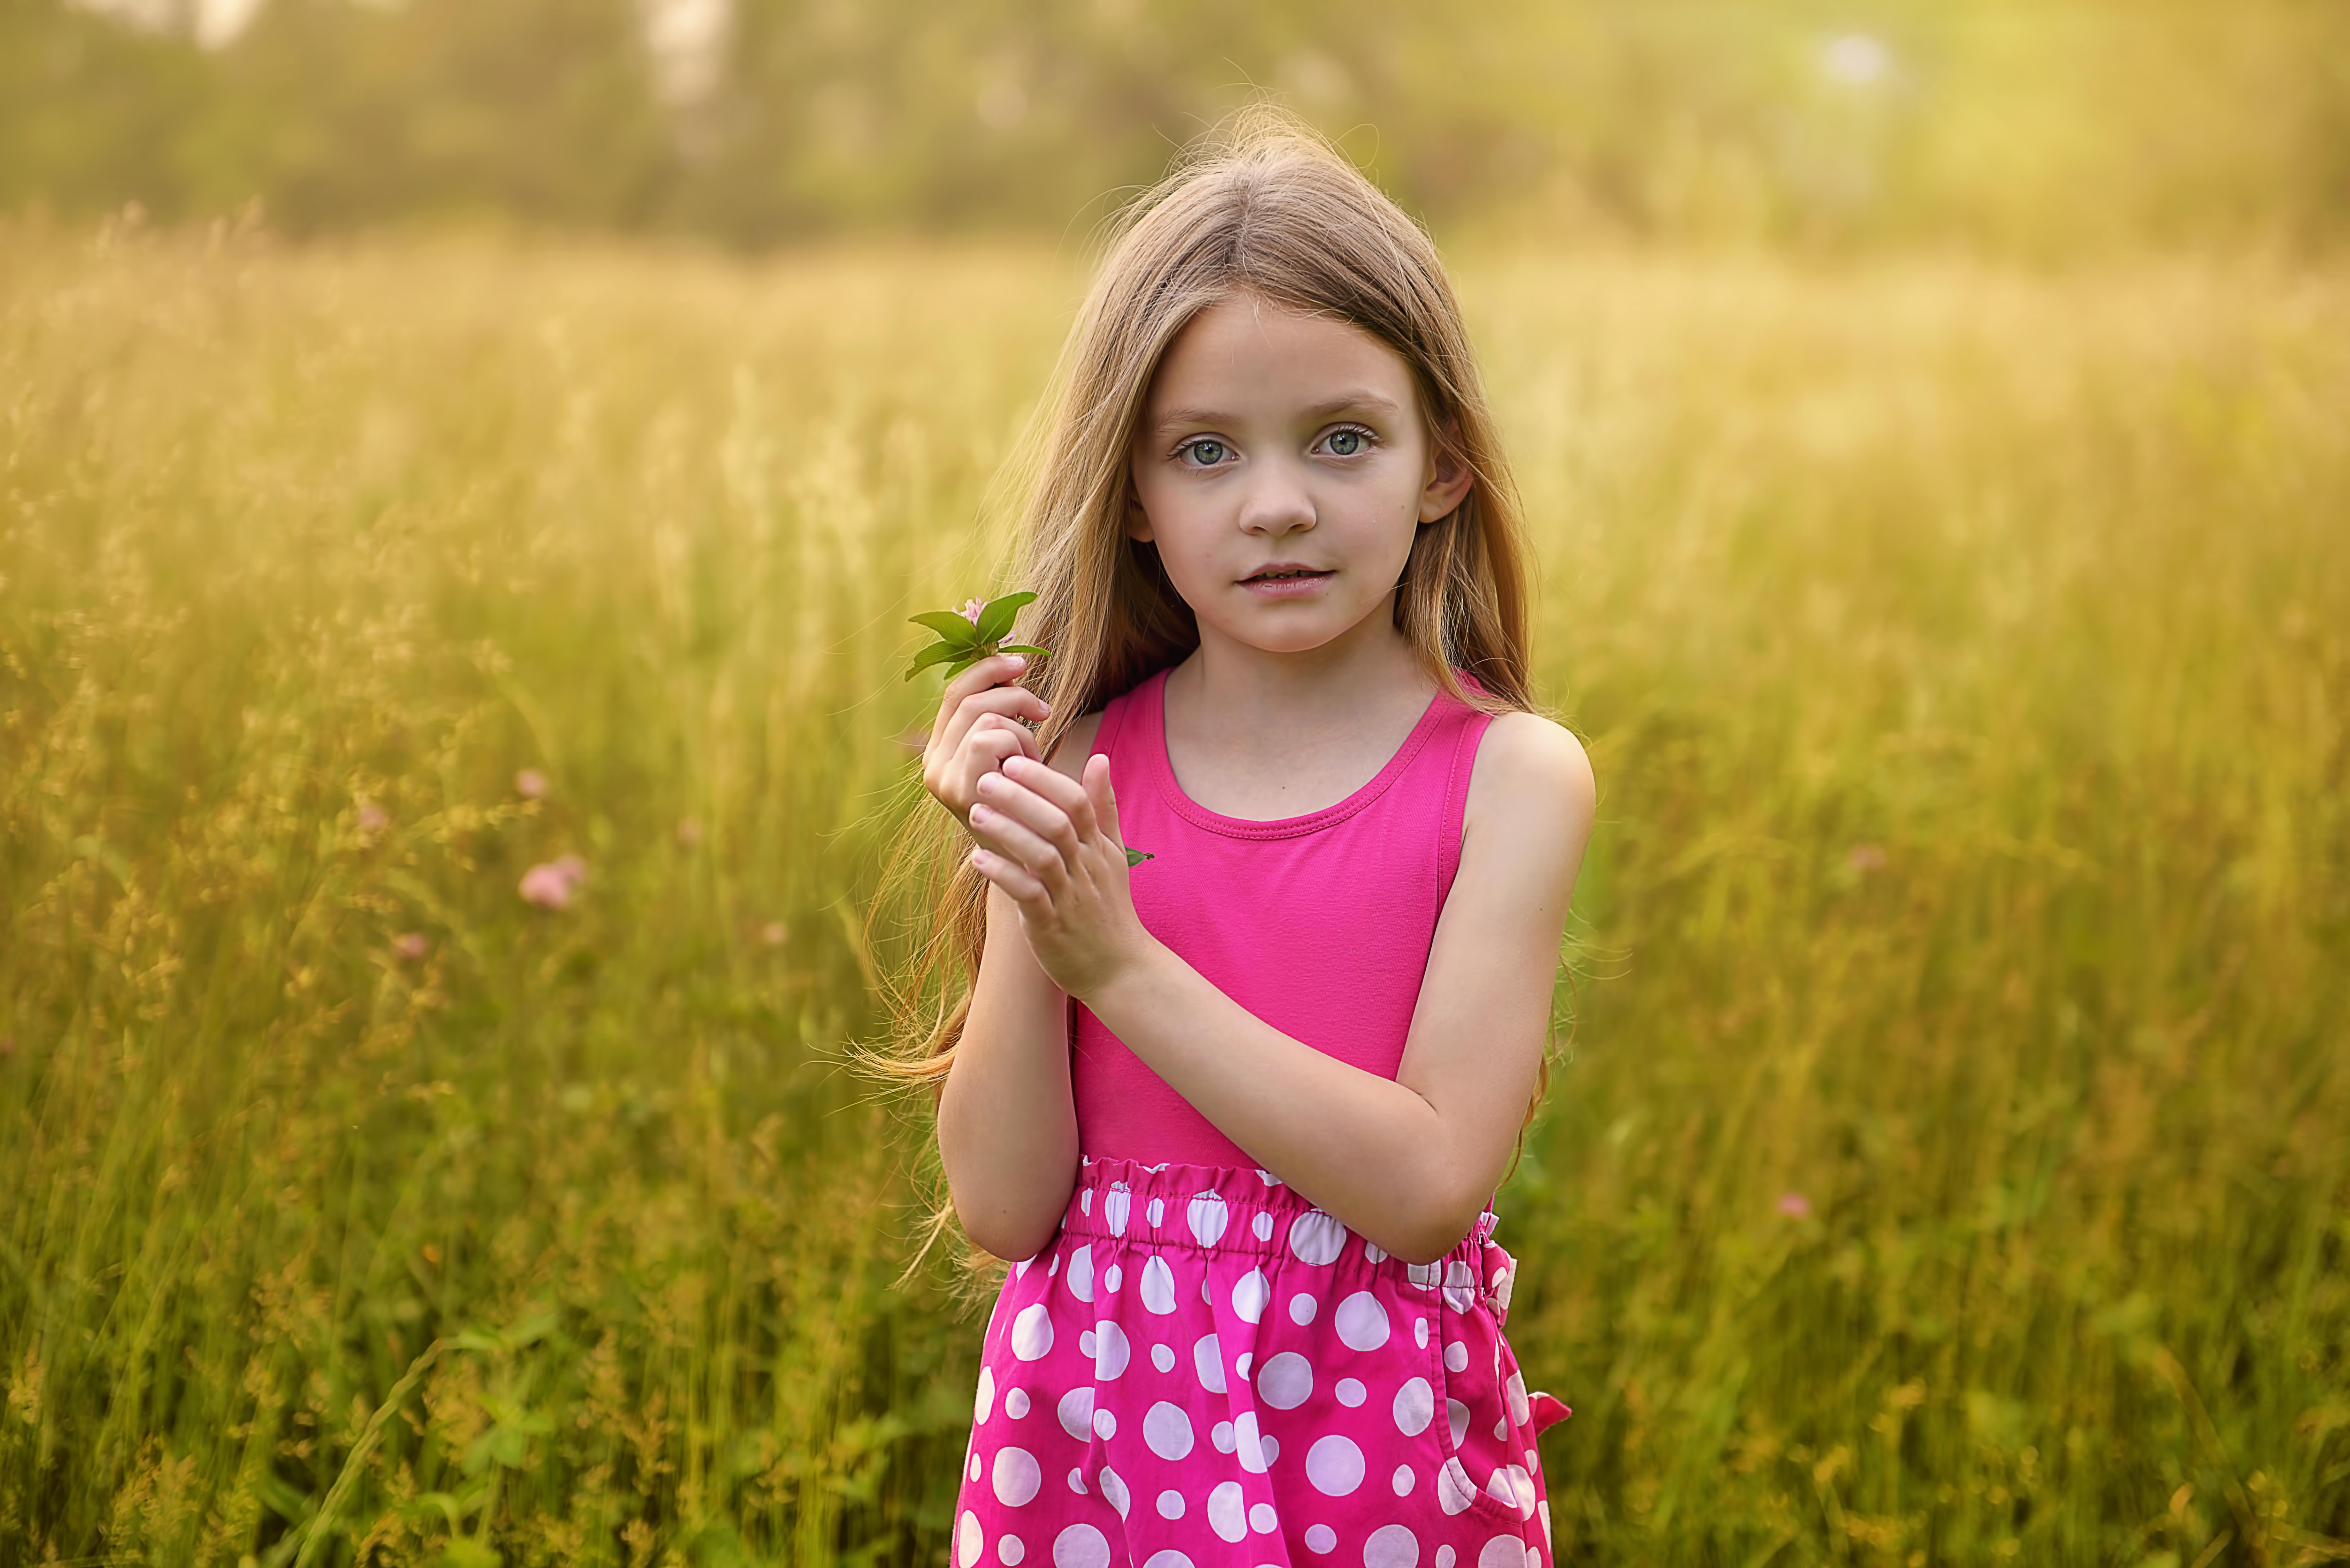 Девочка девушка картинка фото